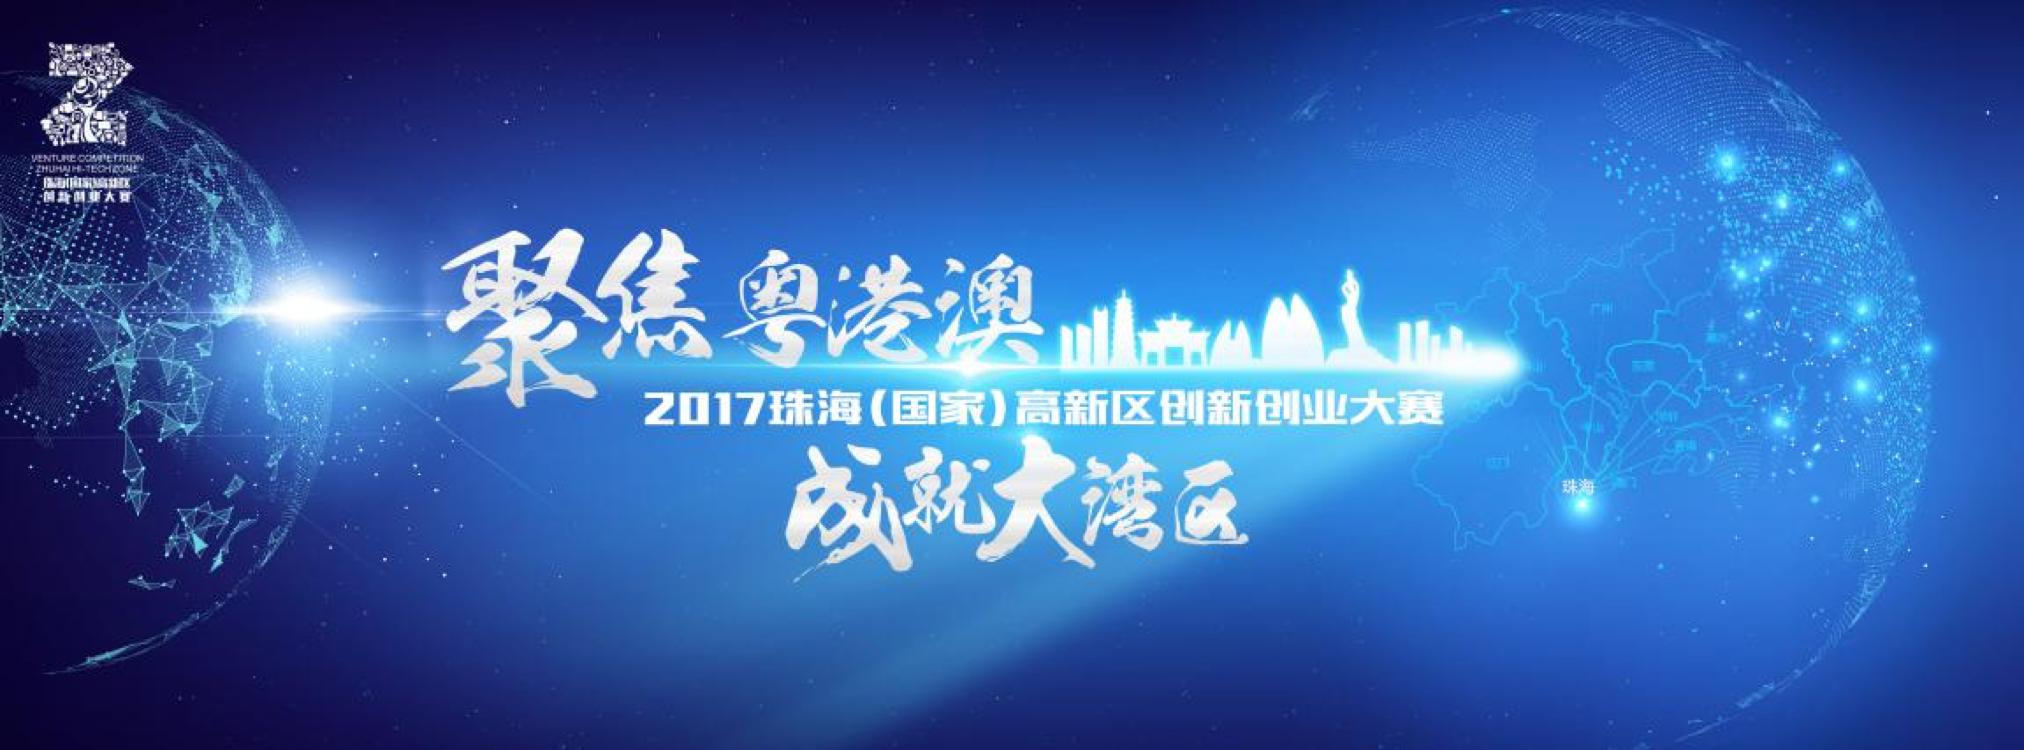 """2017珠海(国家)高新区""""菁牛汇""""创新创业大赛硕果压枝图片"""